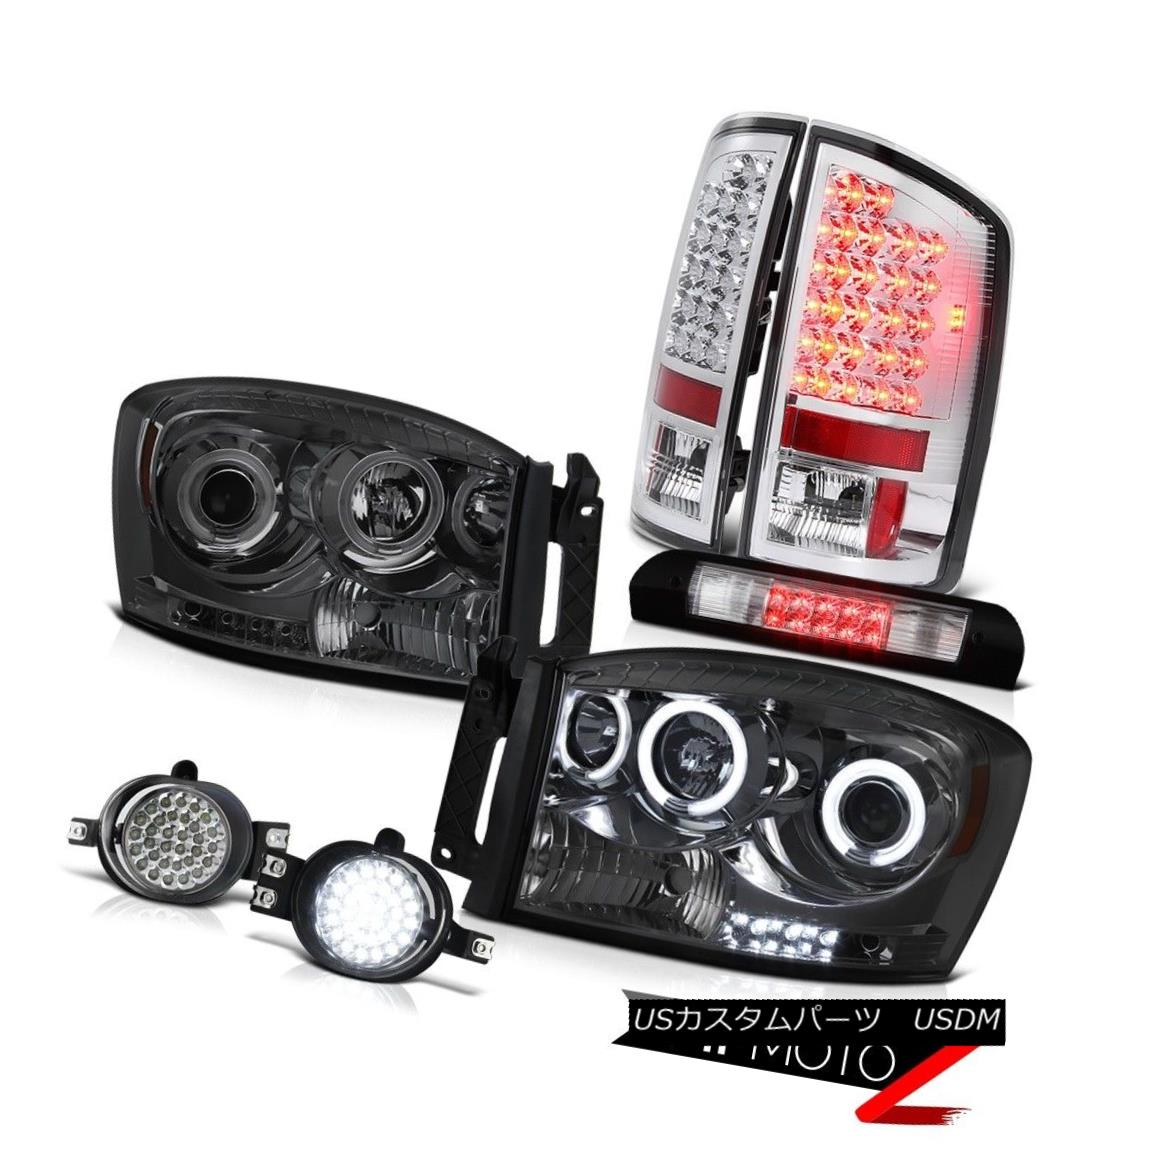 ヘッドライト 07 08 Ram Hemi CCFL Angel Eye Headlight Tail Light Wiring+LED Fog High Brake LED 07 08 Ram Hemi CCFLエンジェルアイヘッドライトテールライト配線+ LEDフォグハイブレーキLED